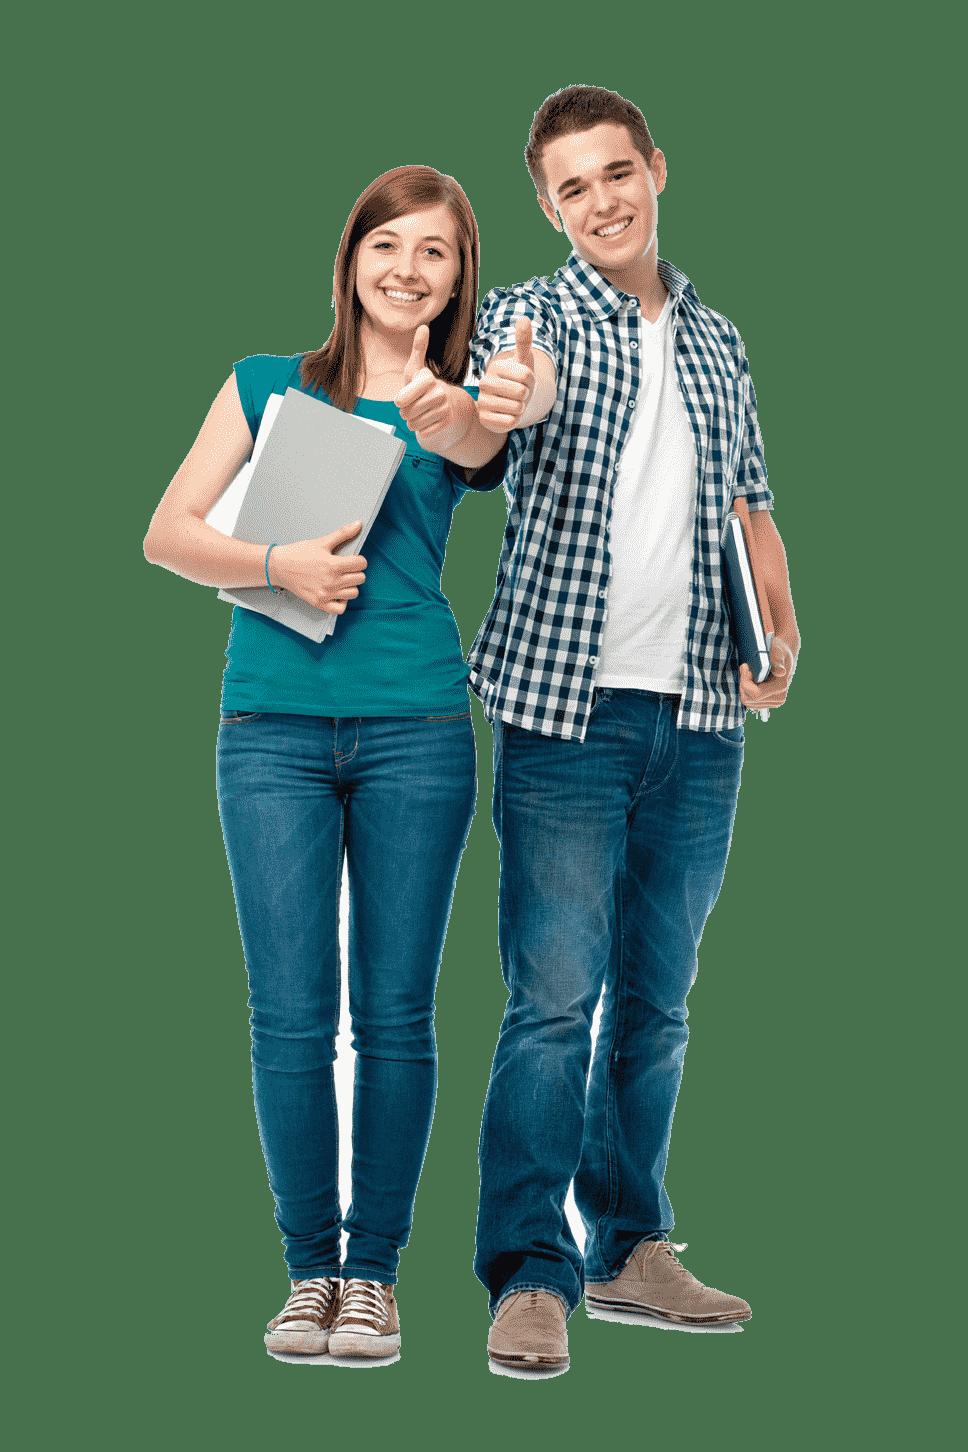 étudiant masculin et féminin debout, souriant et montrant les pouces vers le haut